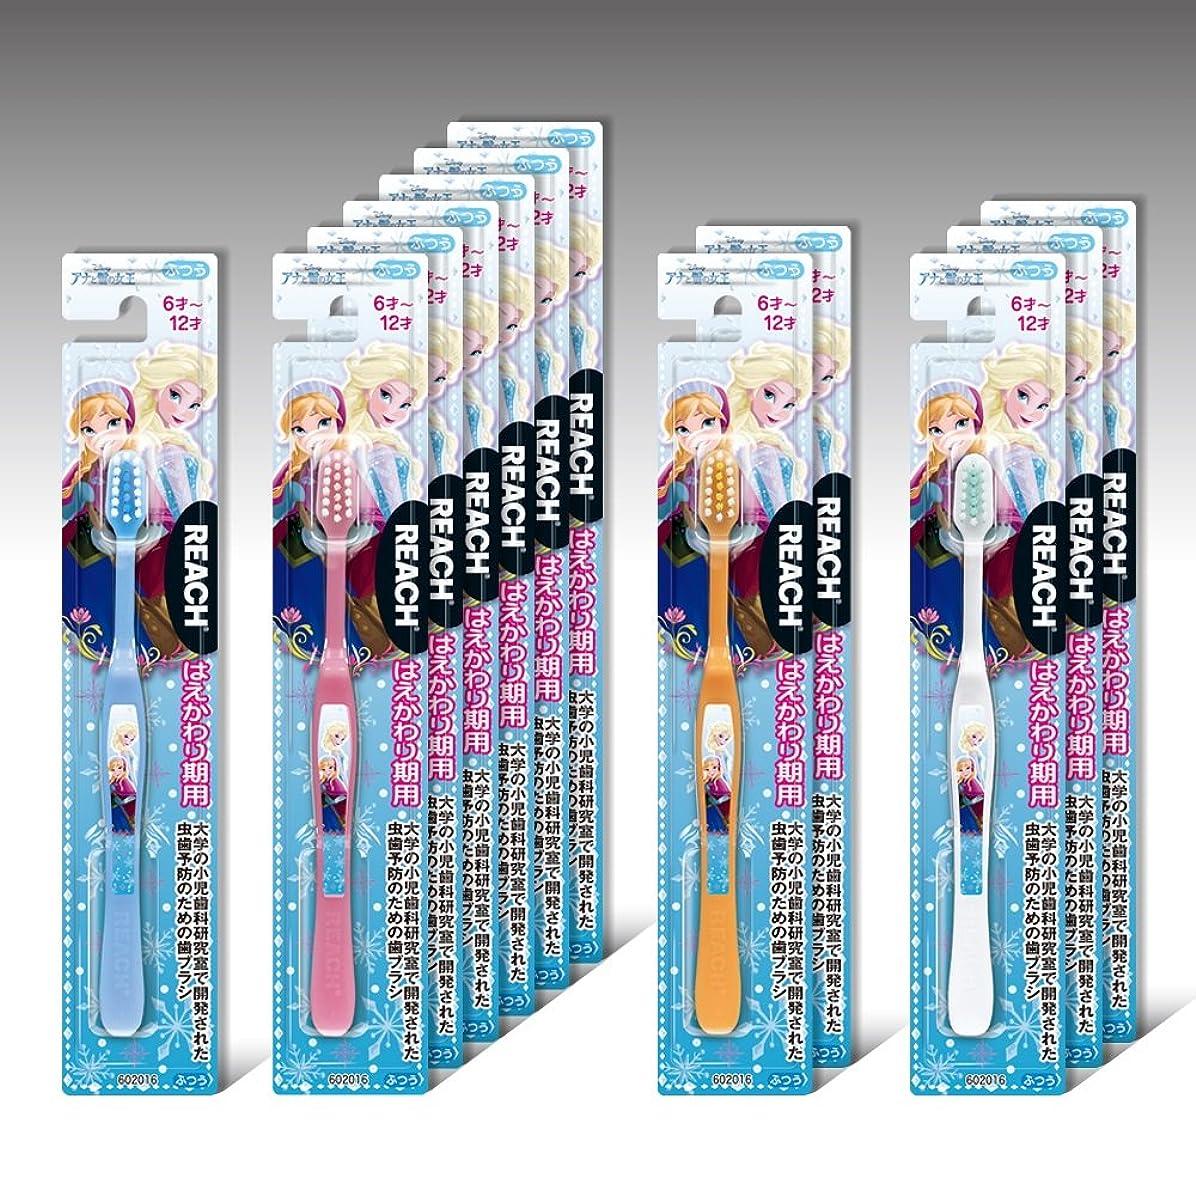 矢印体操髄リーチキッズ ディズニー アナと雪の女王 はえかわり期用(6~12才) 12本セット